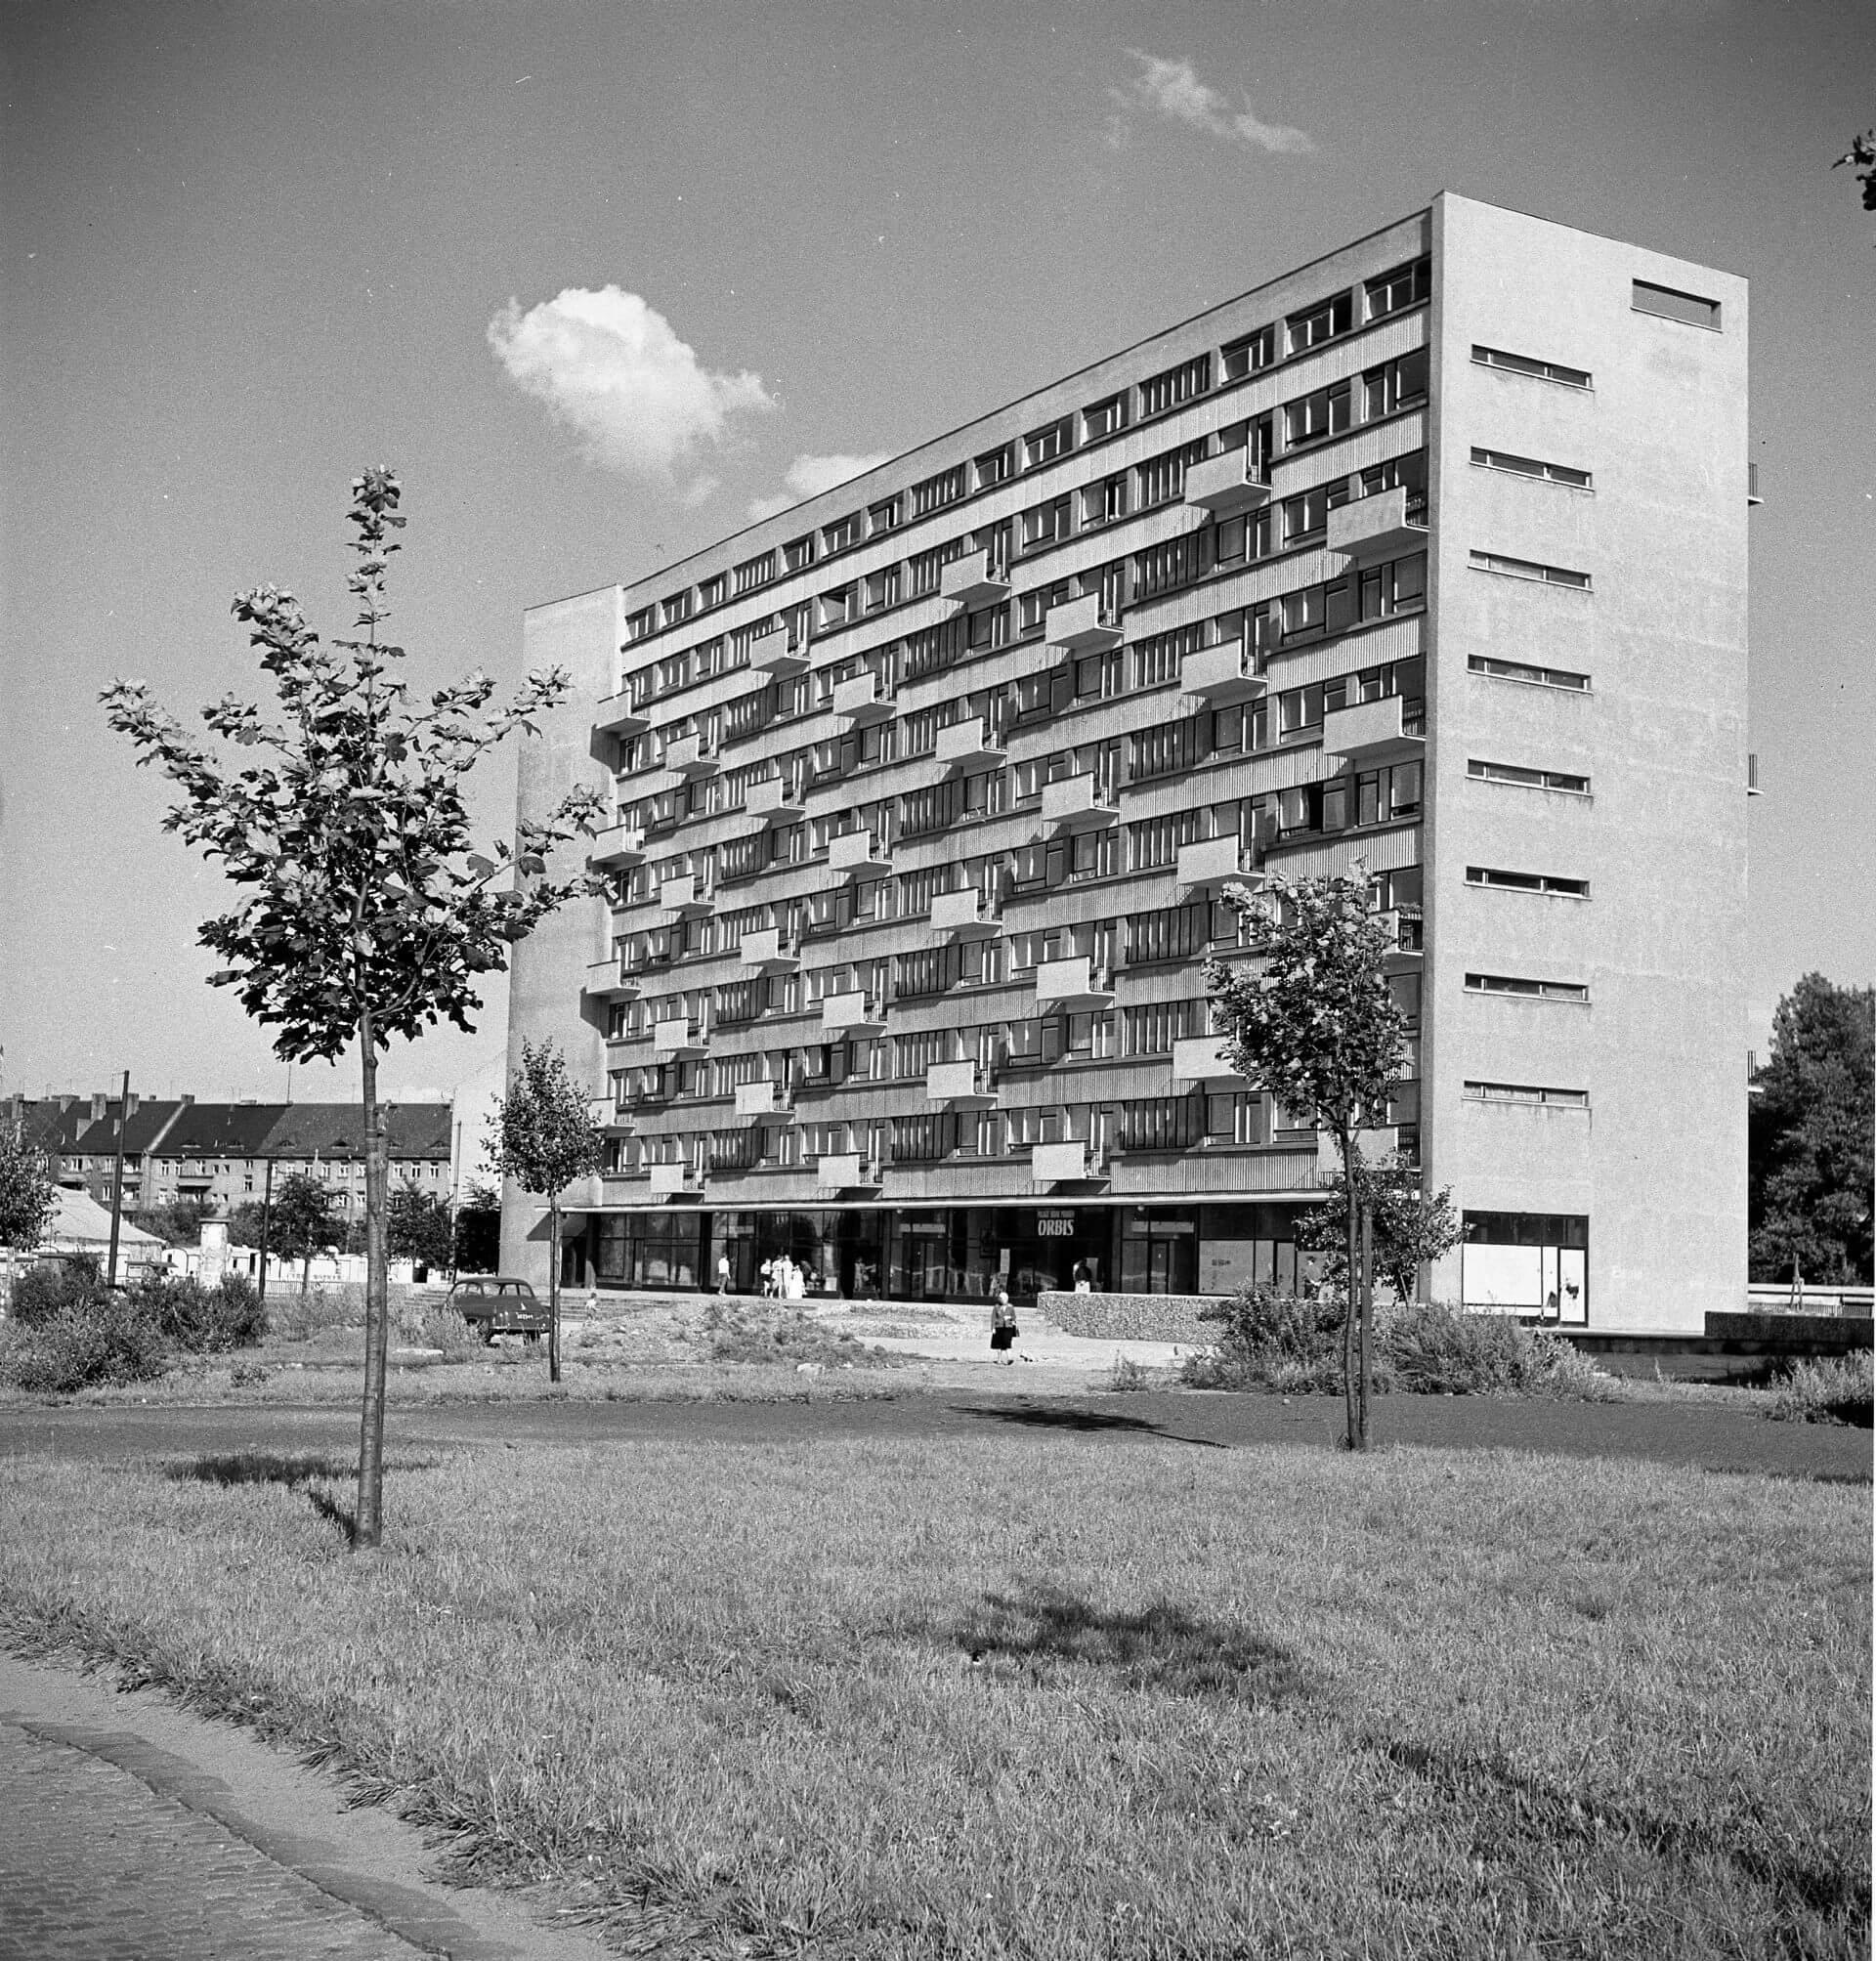 8.Dom Naukowca przy placu Grunwaldzkim, 1959-61, projekt 1956, fot. Tomasz Olszewski, zbiory: Muzeum Miejskie Wrocławia